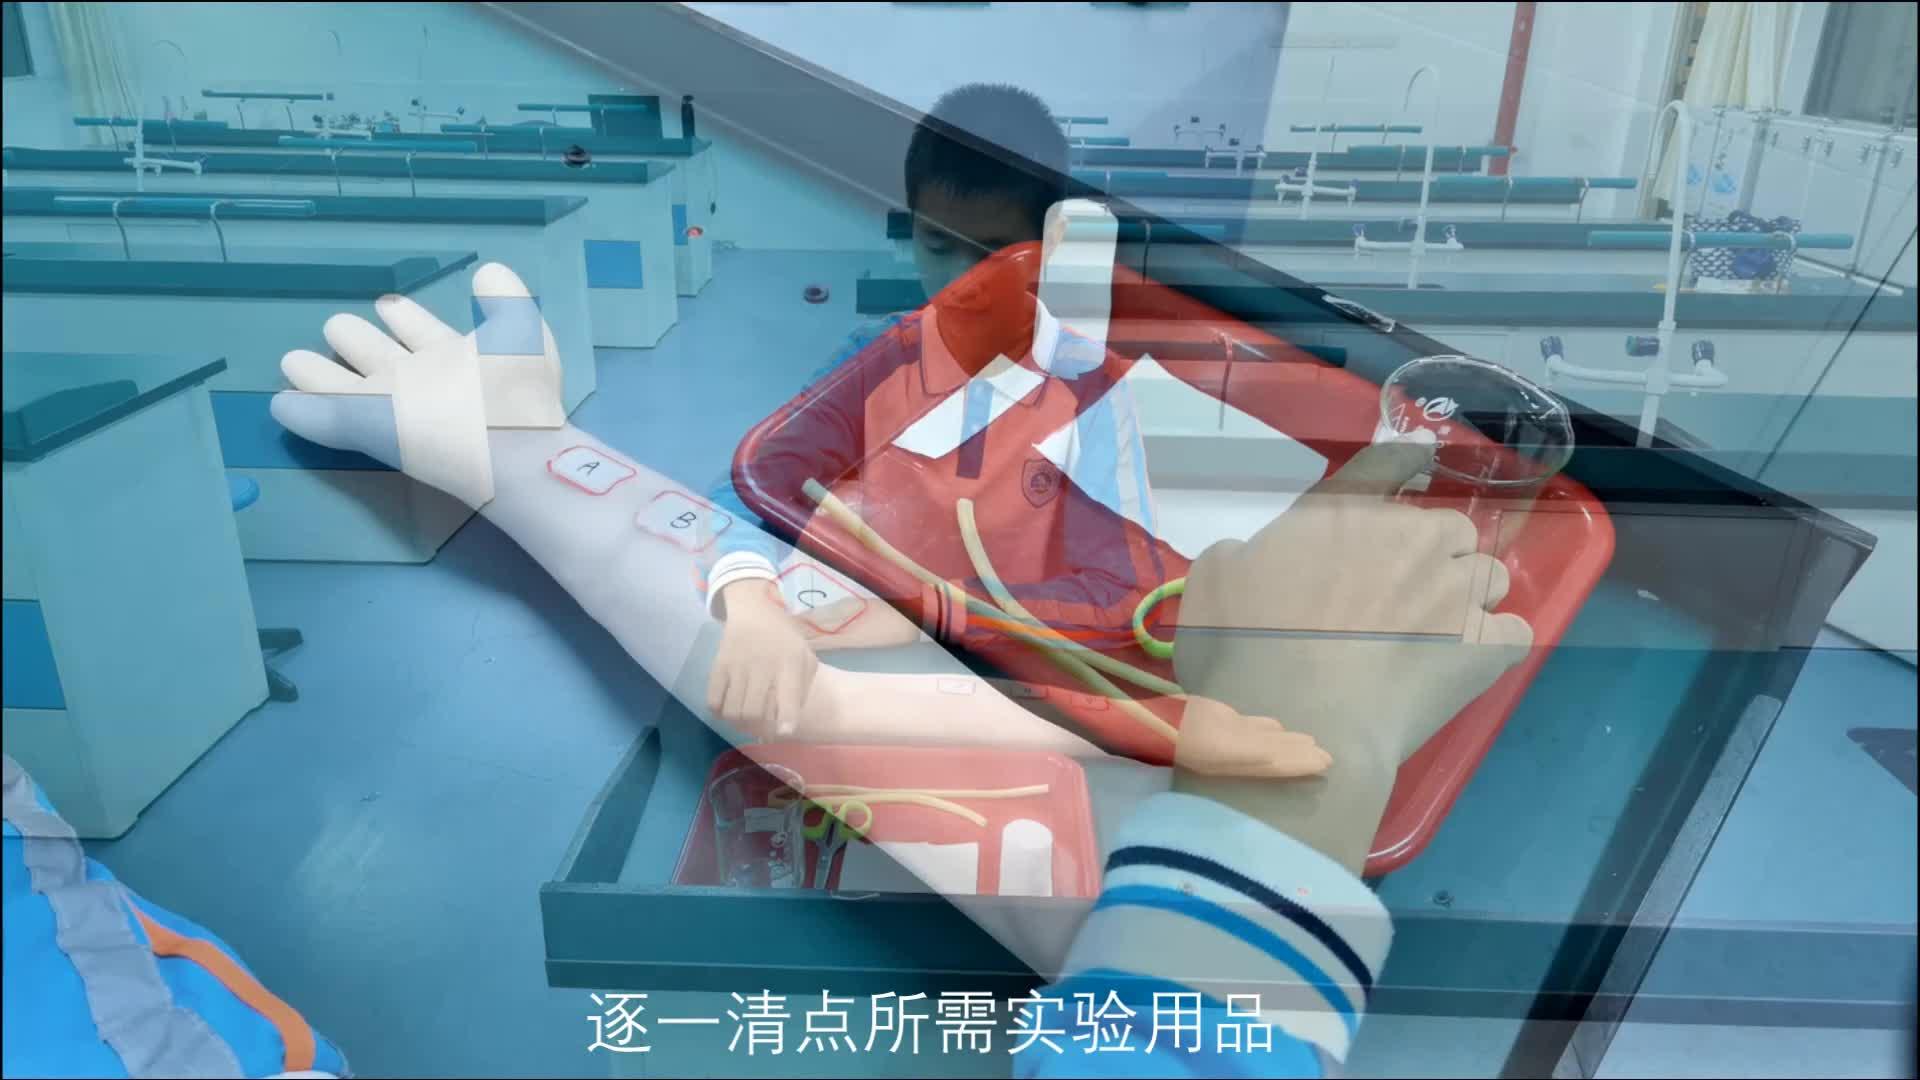 实验20 模拟练习止血包扎--2021年广东省东莞市初中生物实验操作水平测试规范操作视频